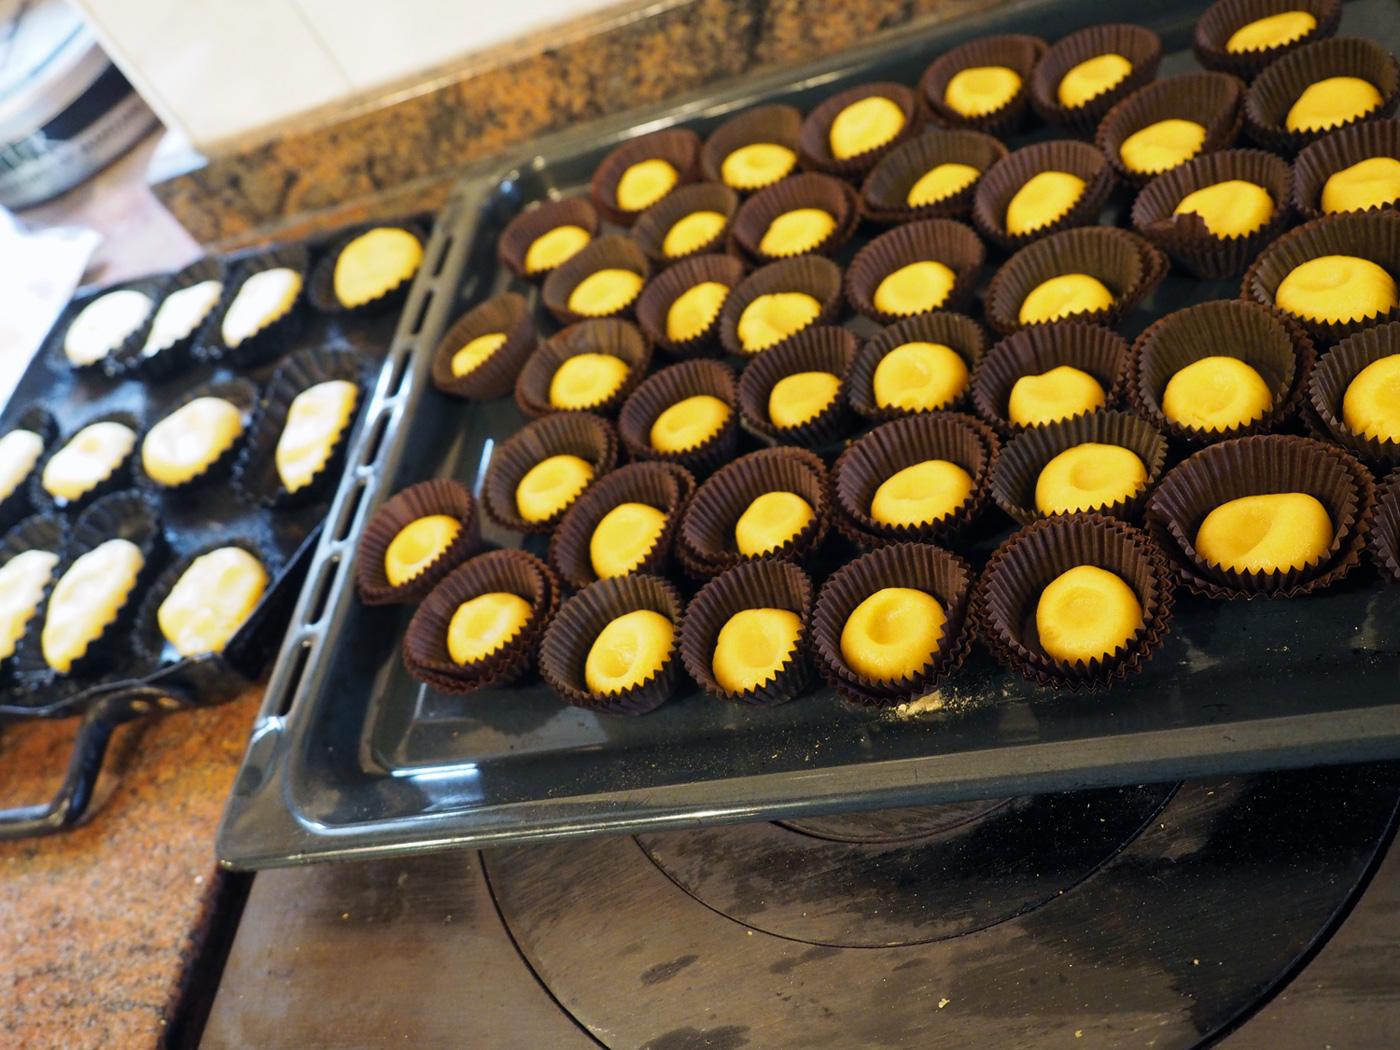 Marisa's cute little cookies in cupcake holders.